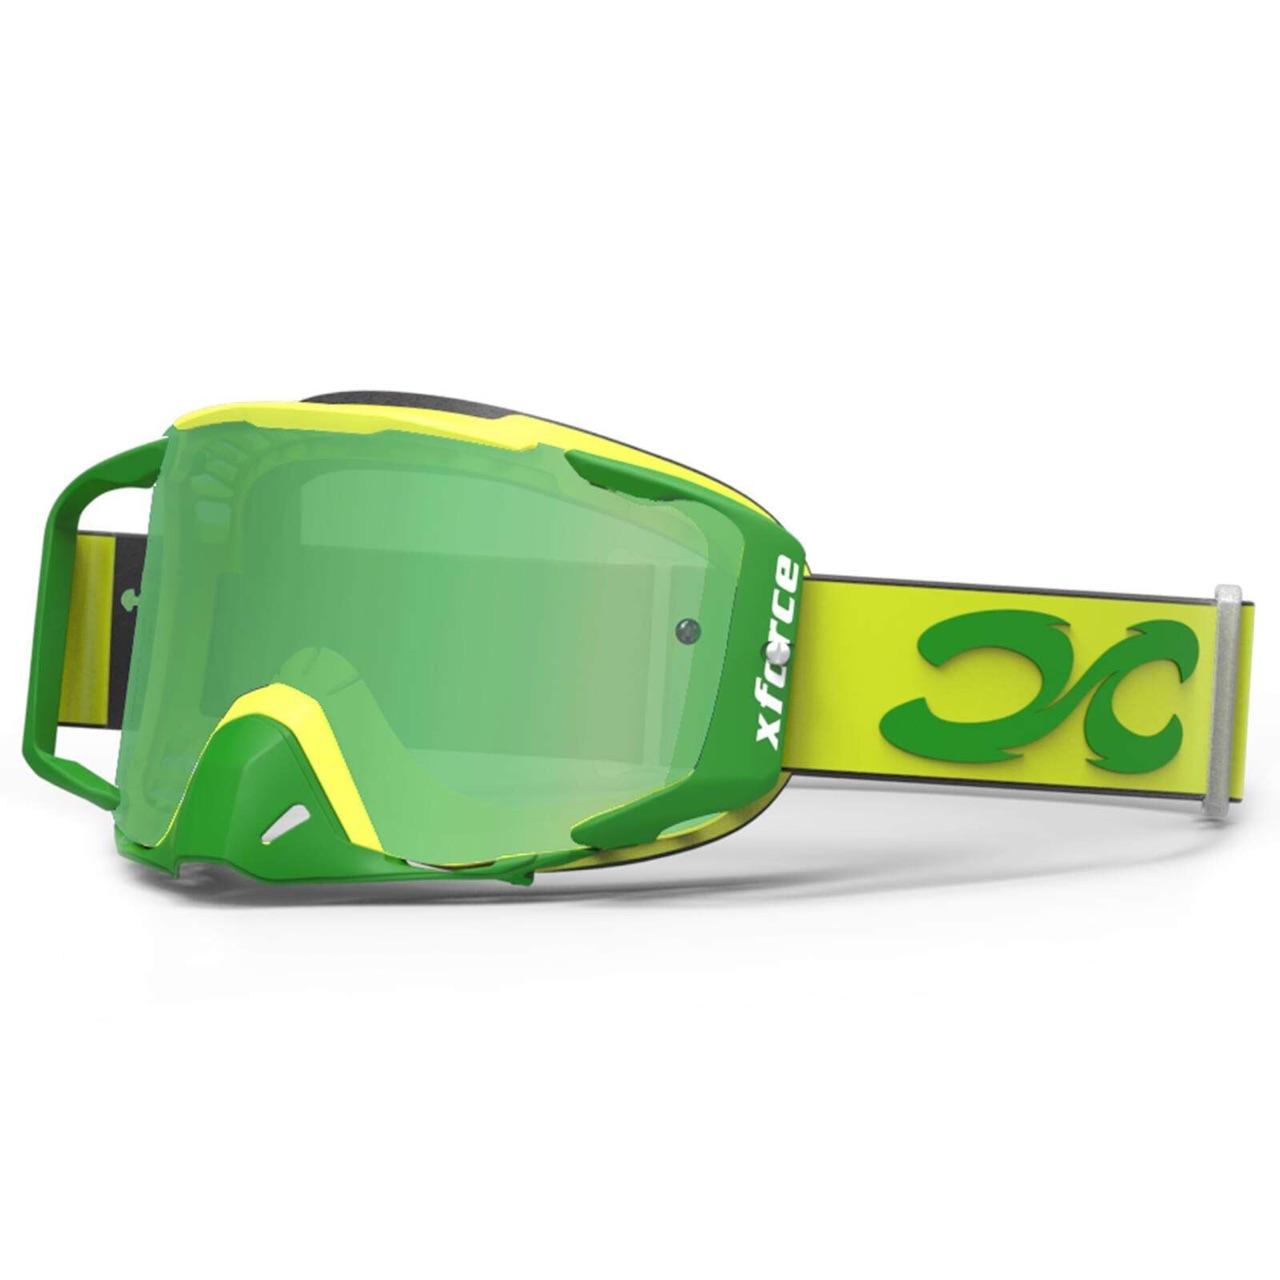 Masque-xforce-assassin-xl-20-green